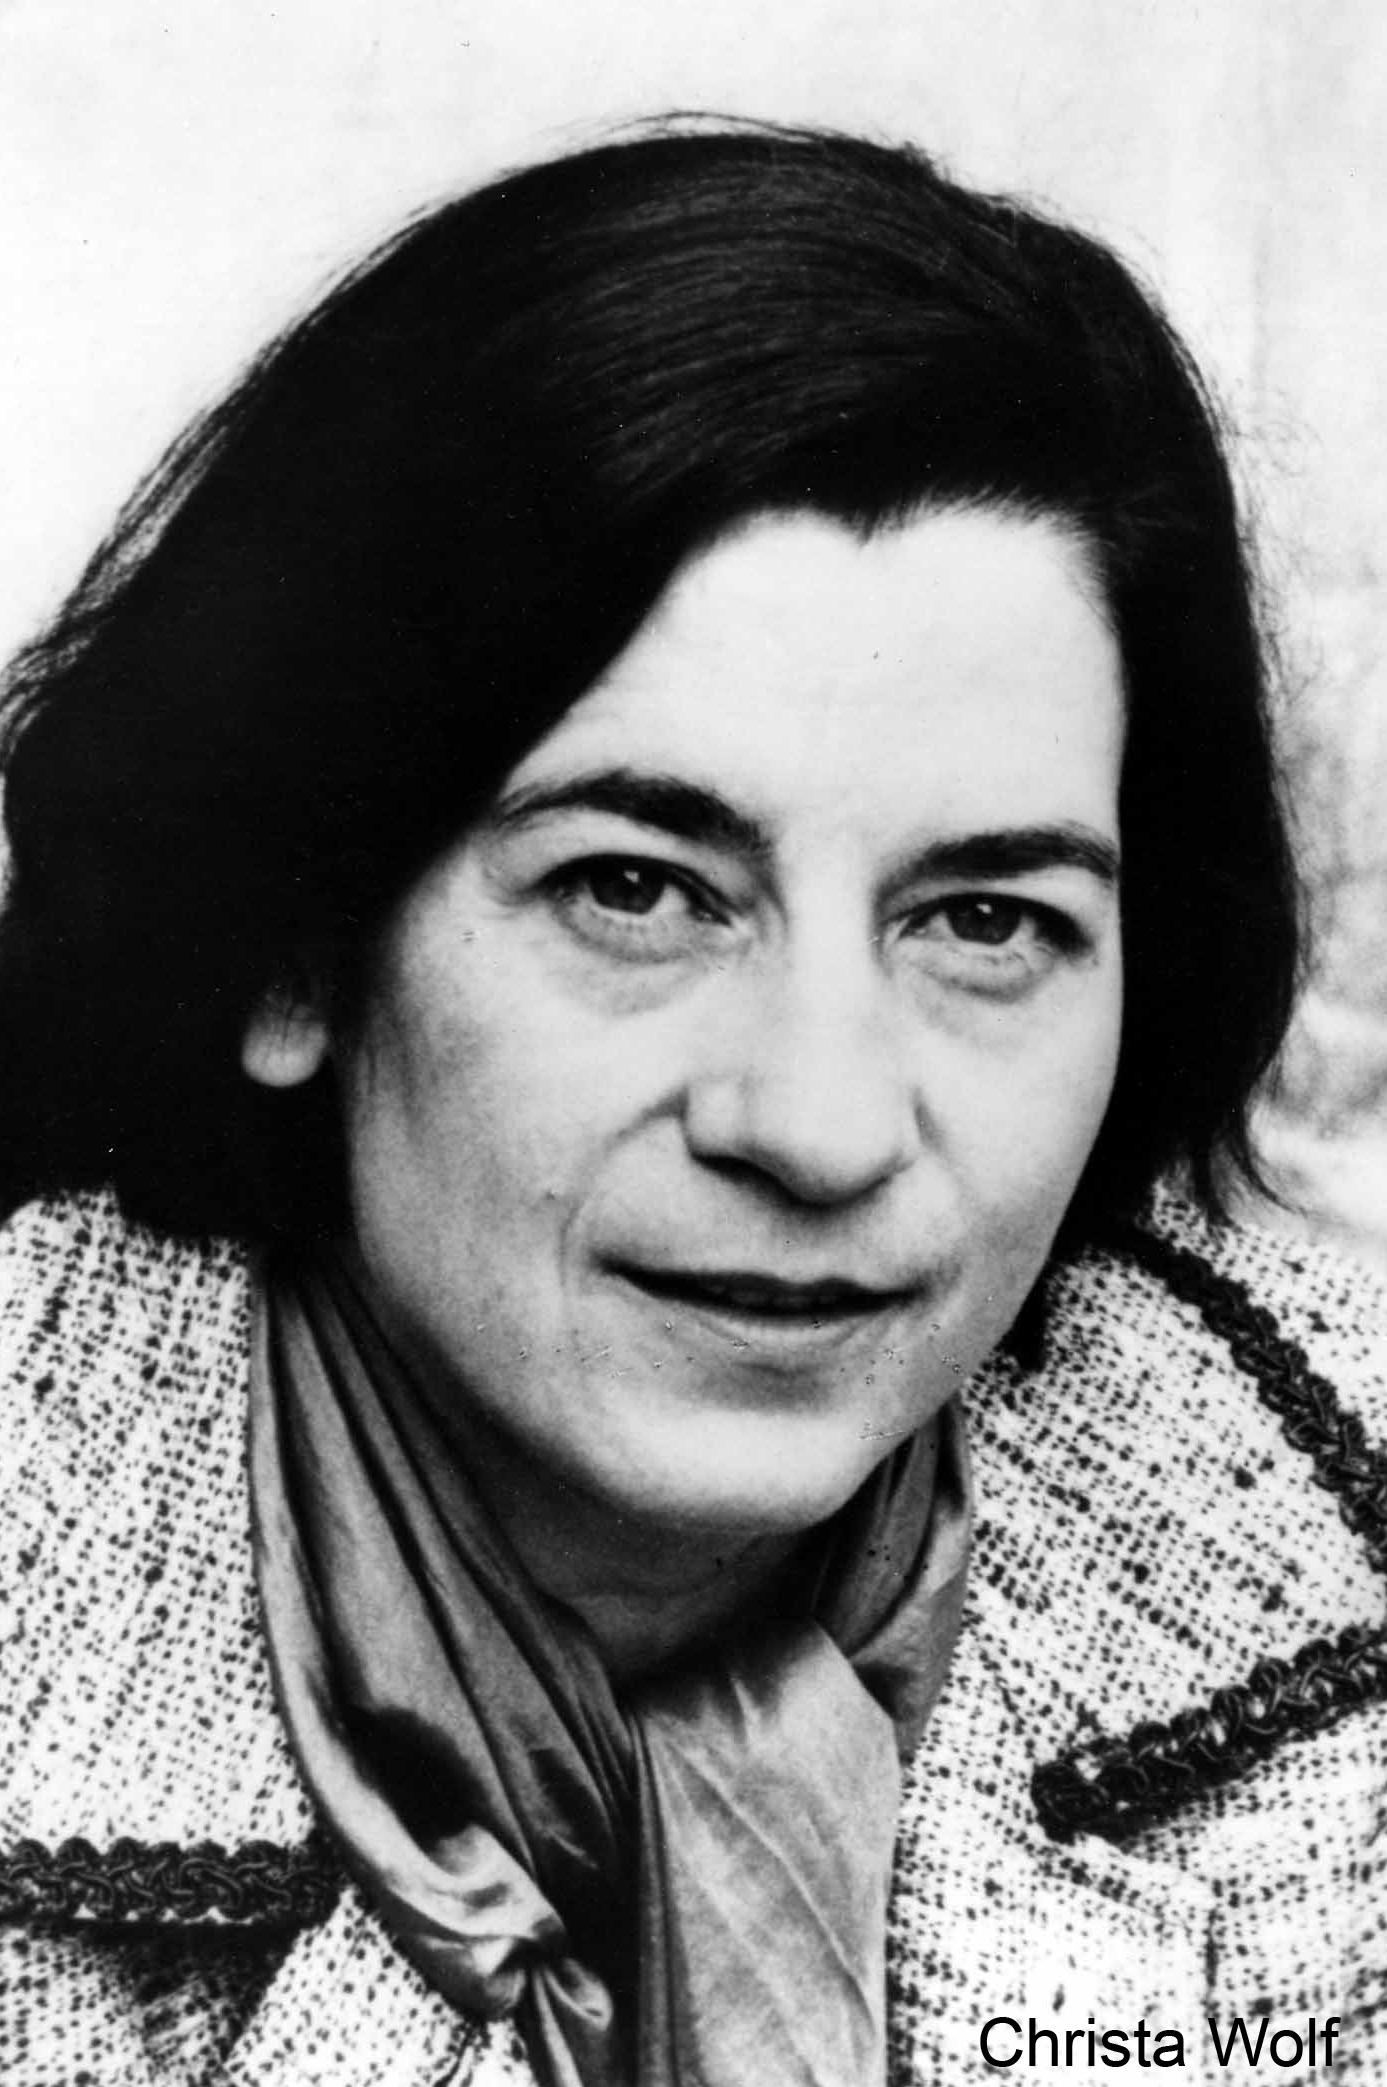 »Literatur entsteht überhaupt nur aus Widersprüchen,  sonst entsteht Langeweile.«  – Christa Wolf